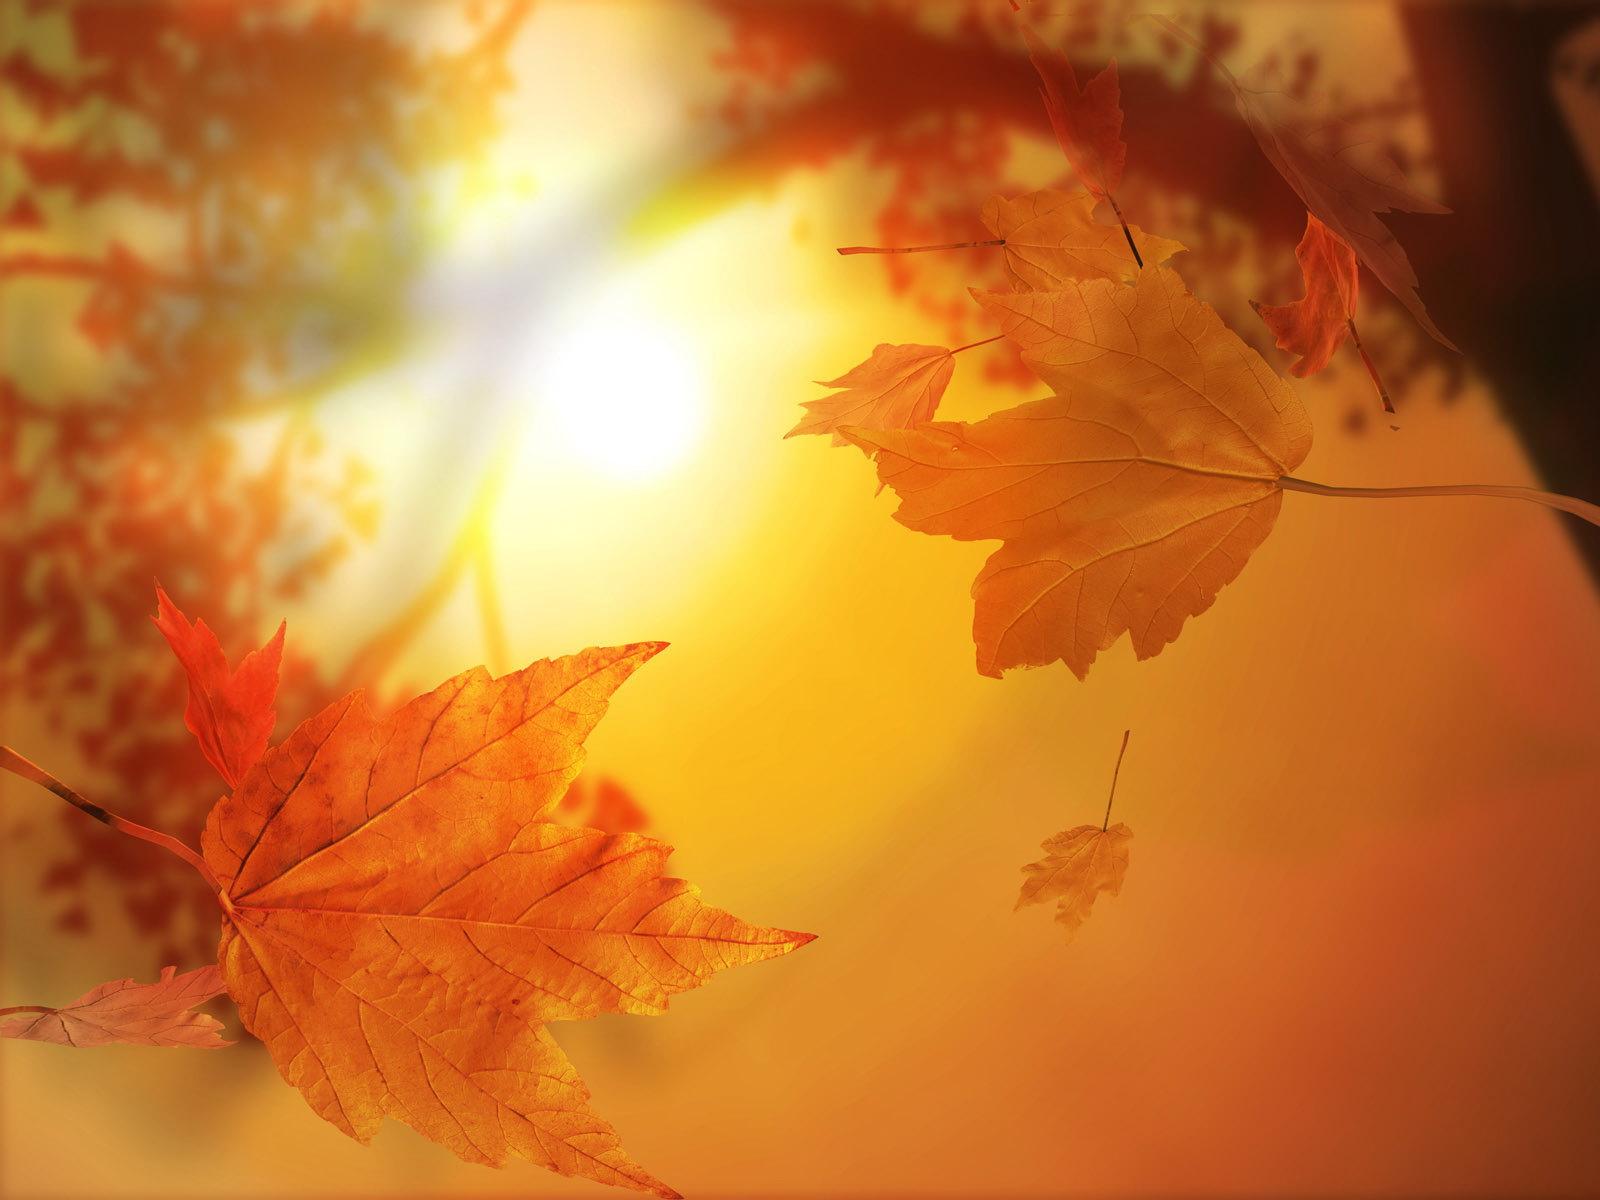 Nature___Seasons___Autumn_Sunny_Golden_autumn_108458_